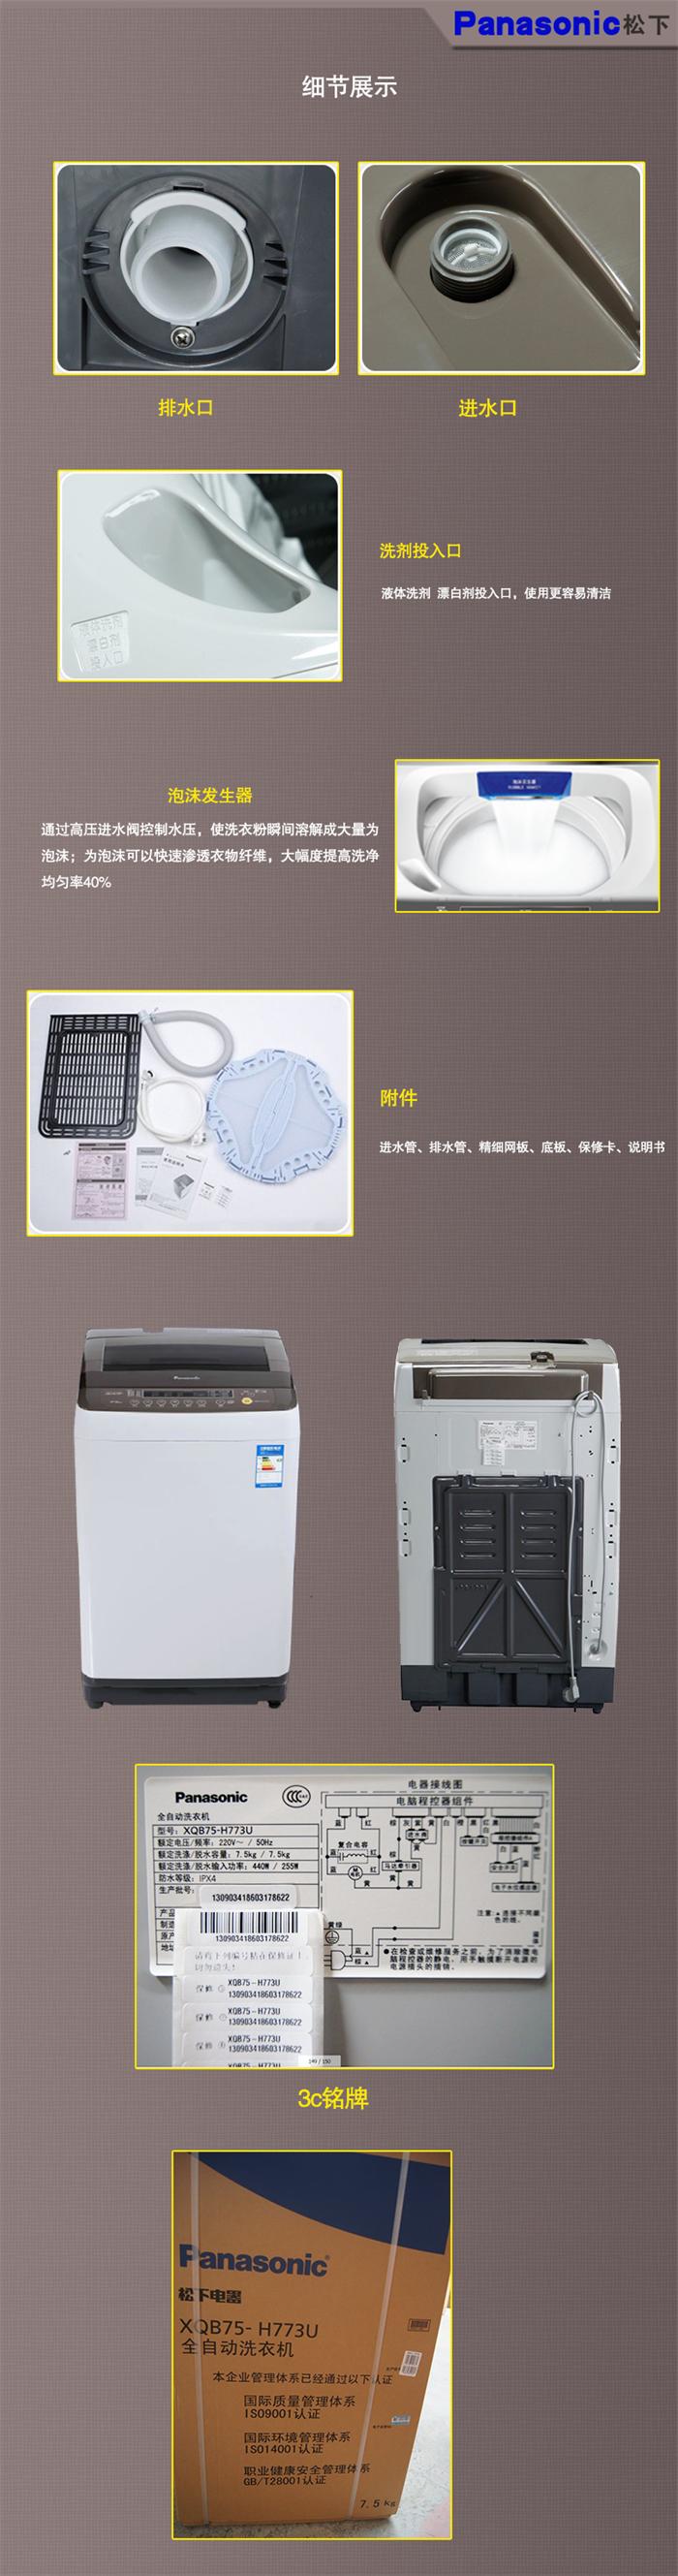 全自动洗衣机*1,进水管*1